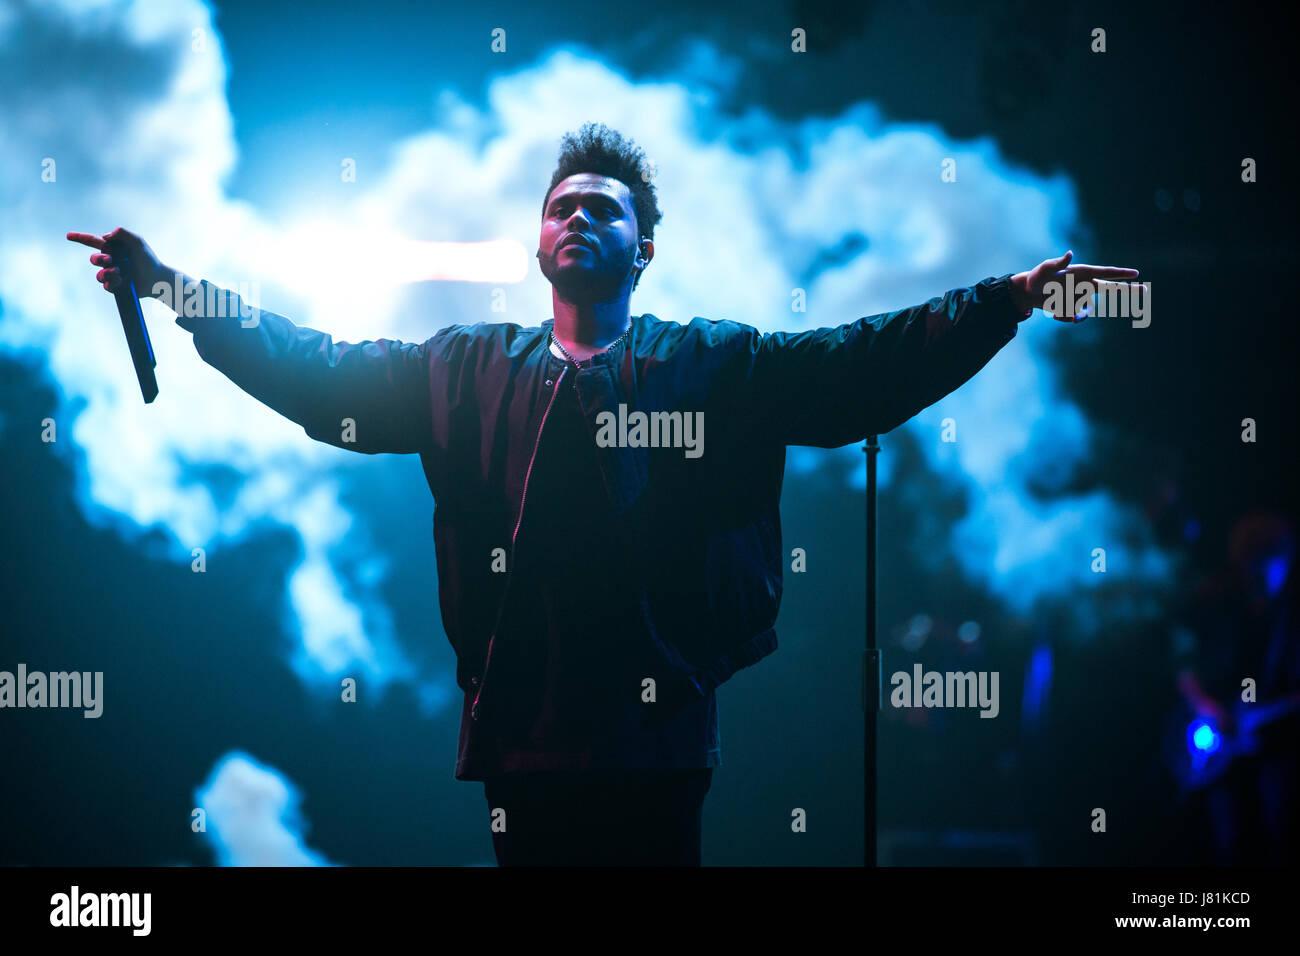 Toronto, Canadá. El 26 de mayo, 2017. La Weeknd juega a una muchedumbre natal vendió en el Air Canada Centre en su Starboy: la leyenda de la caída Tour. Crédito: Bobby Singh/Alamy Live News. Foto de stock